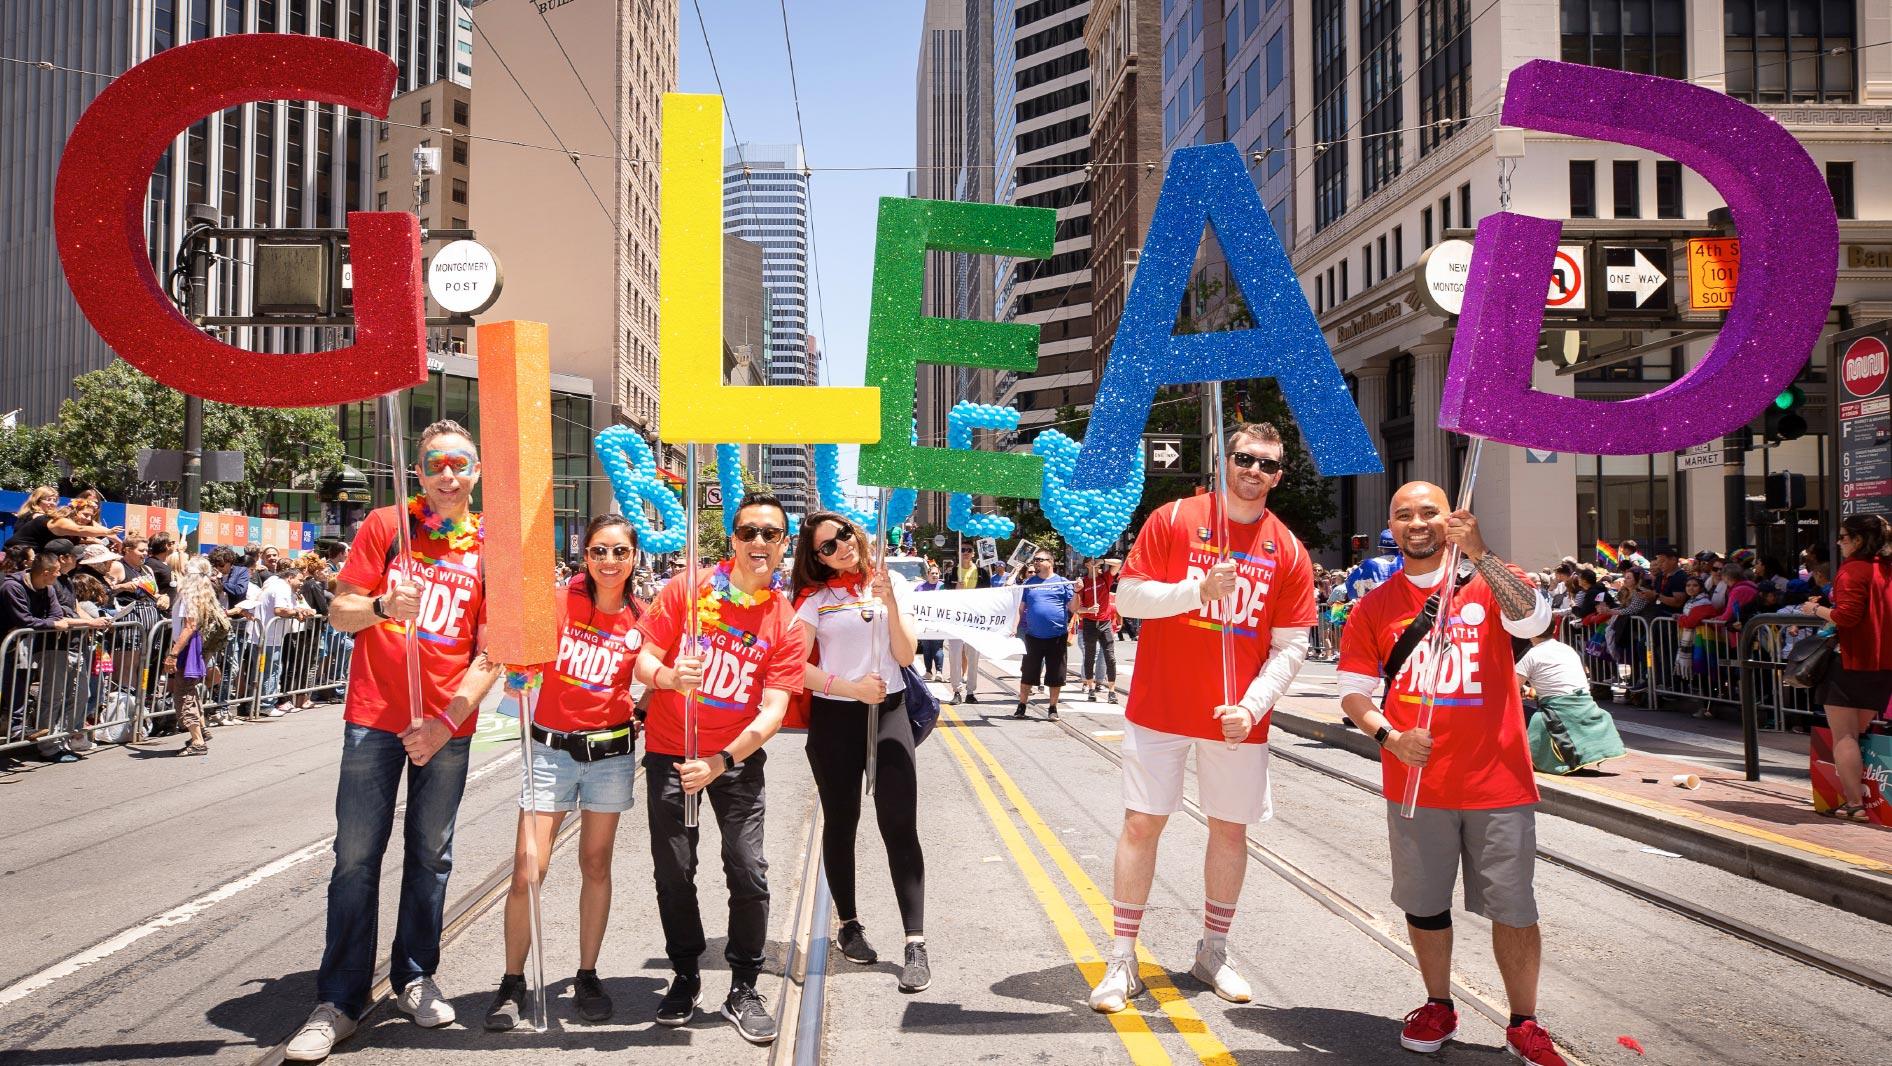 Gilead mejores empresas trabajar LGBT+